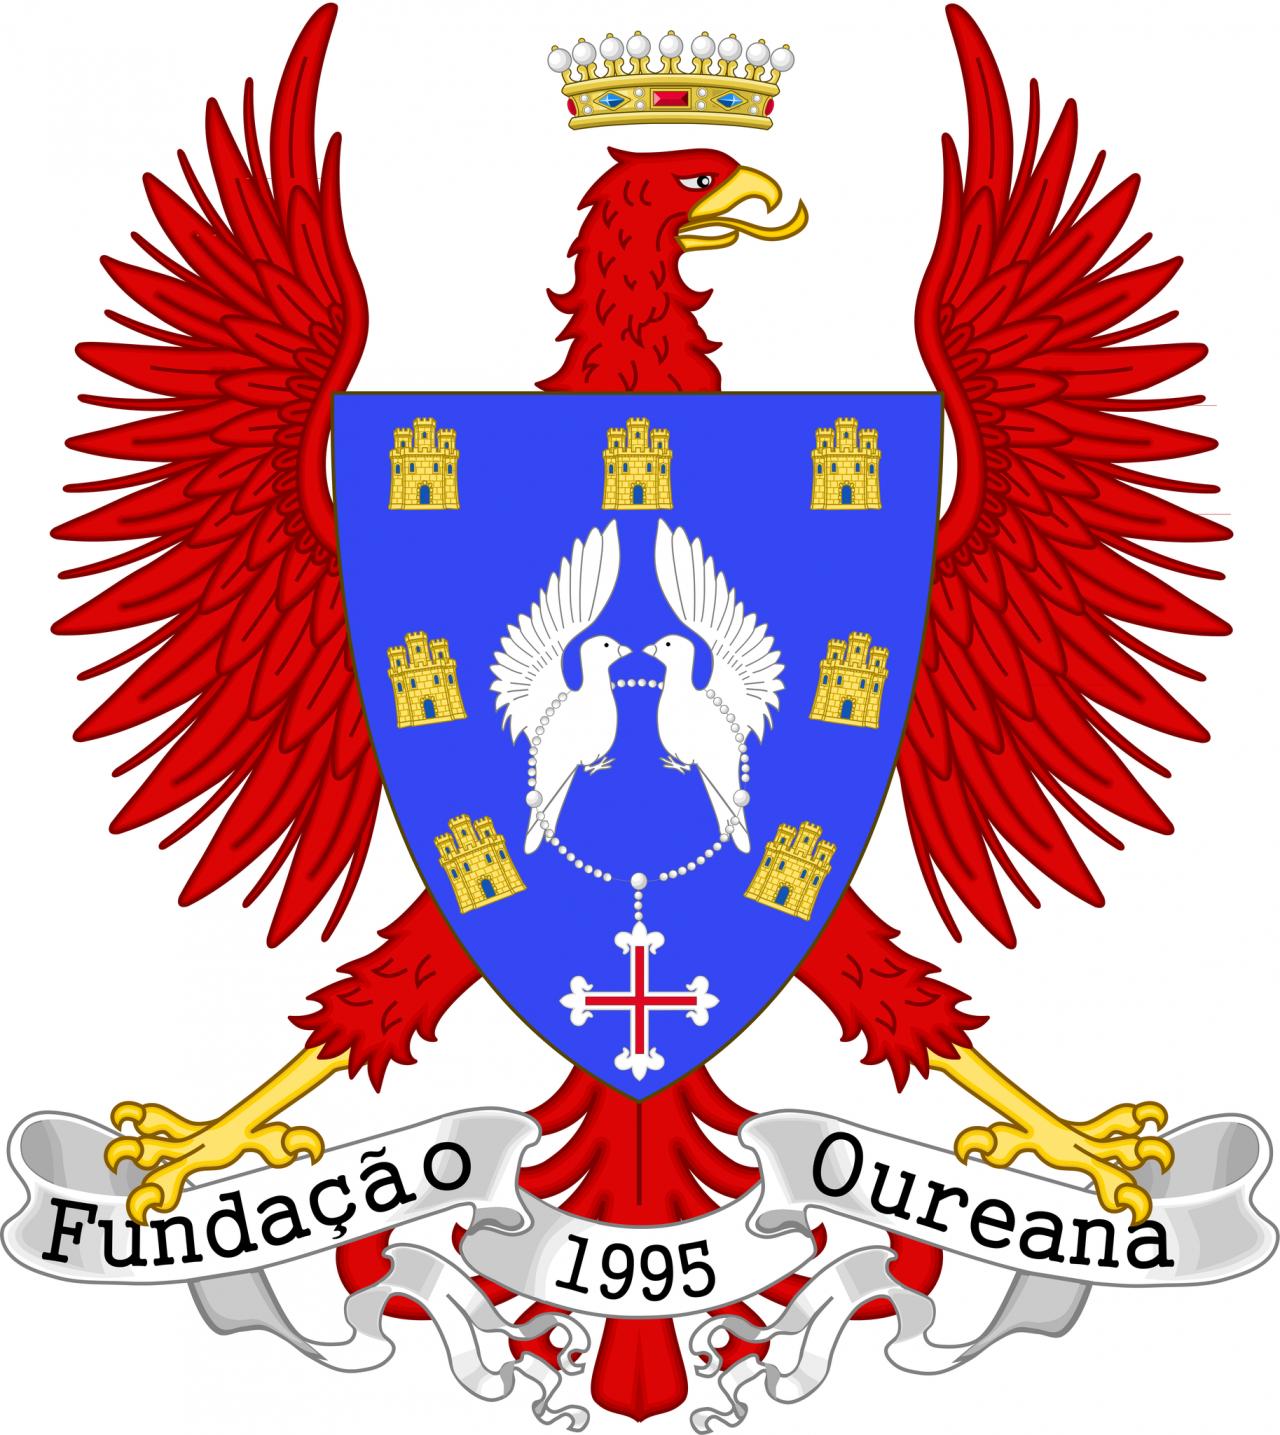 Fundação Histórico-Cultural Oureana